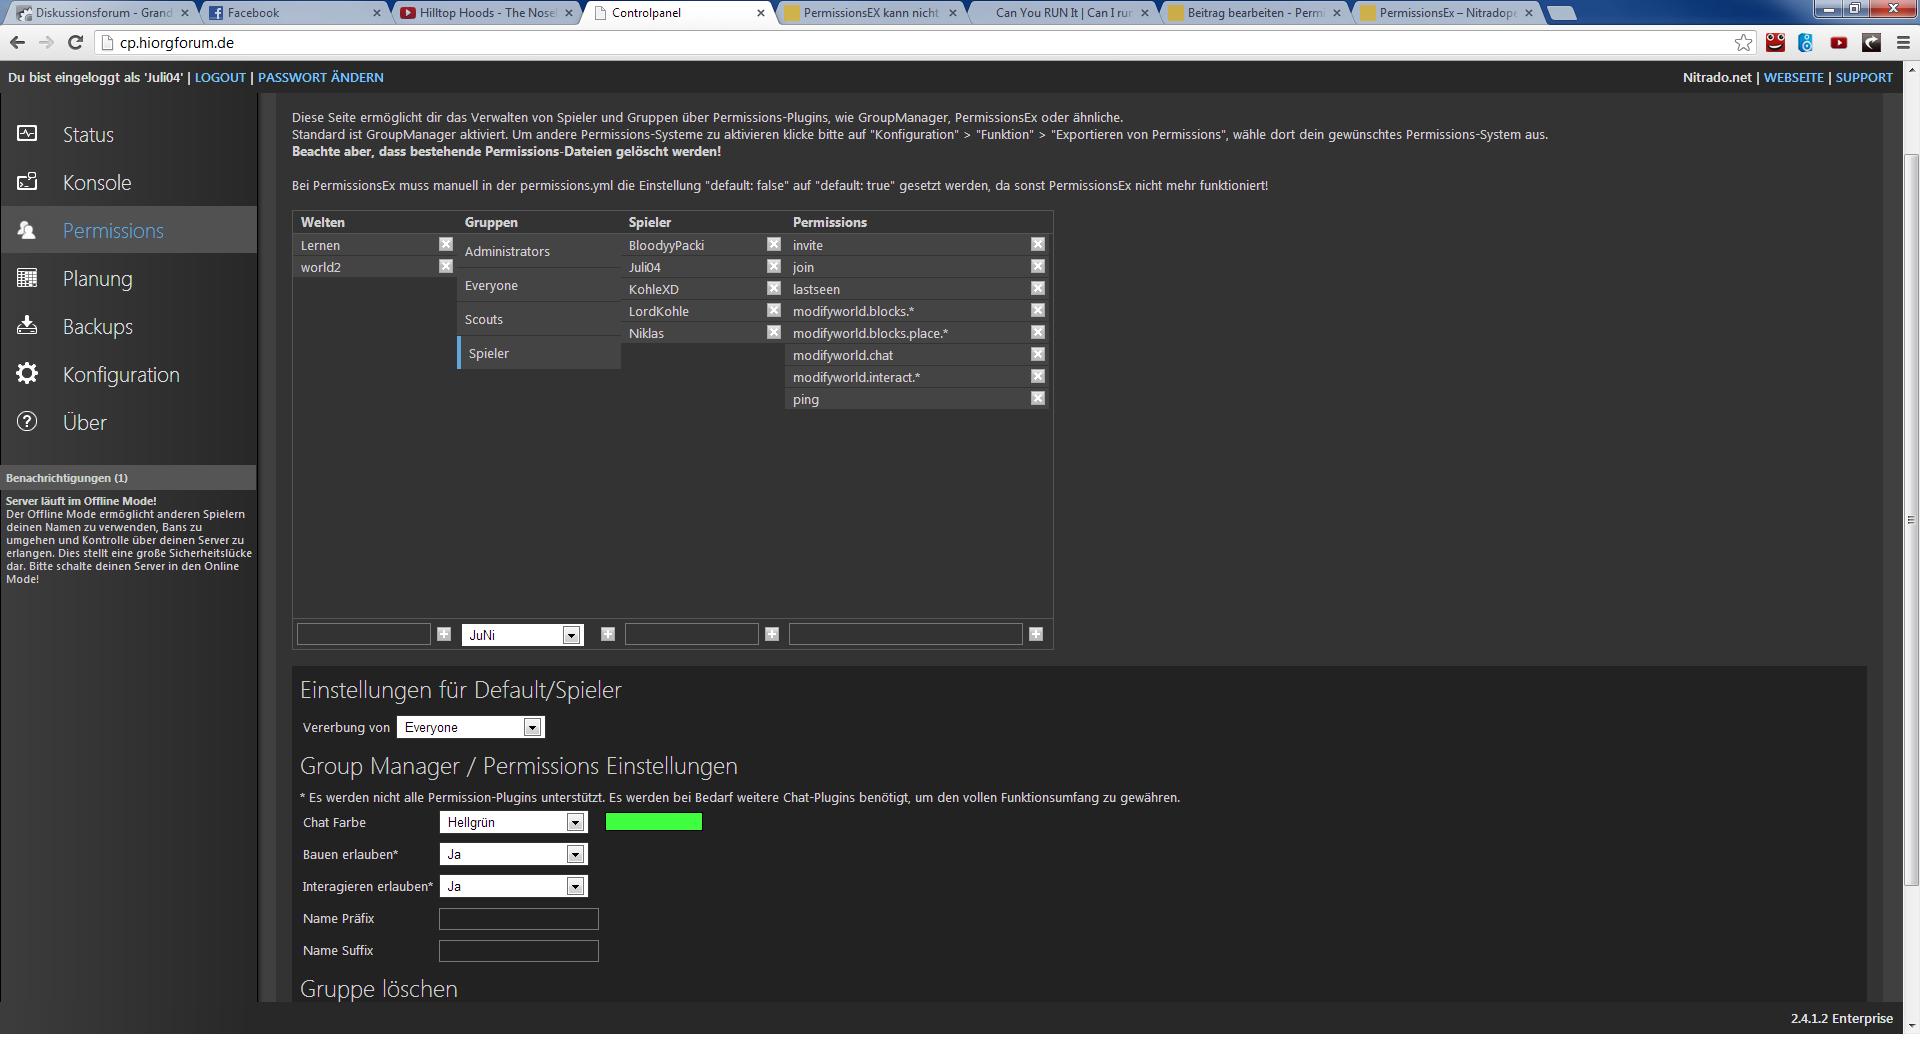 PermissionsEx Funktioniert Nicht Bukkit Spigot Nitradonet - Minecraft nitrado server gruppen erstellen